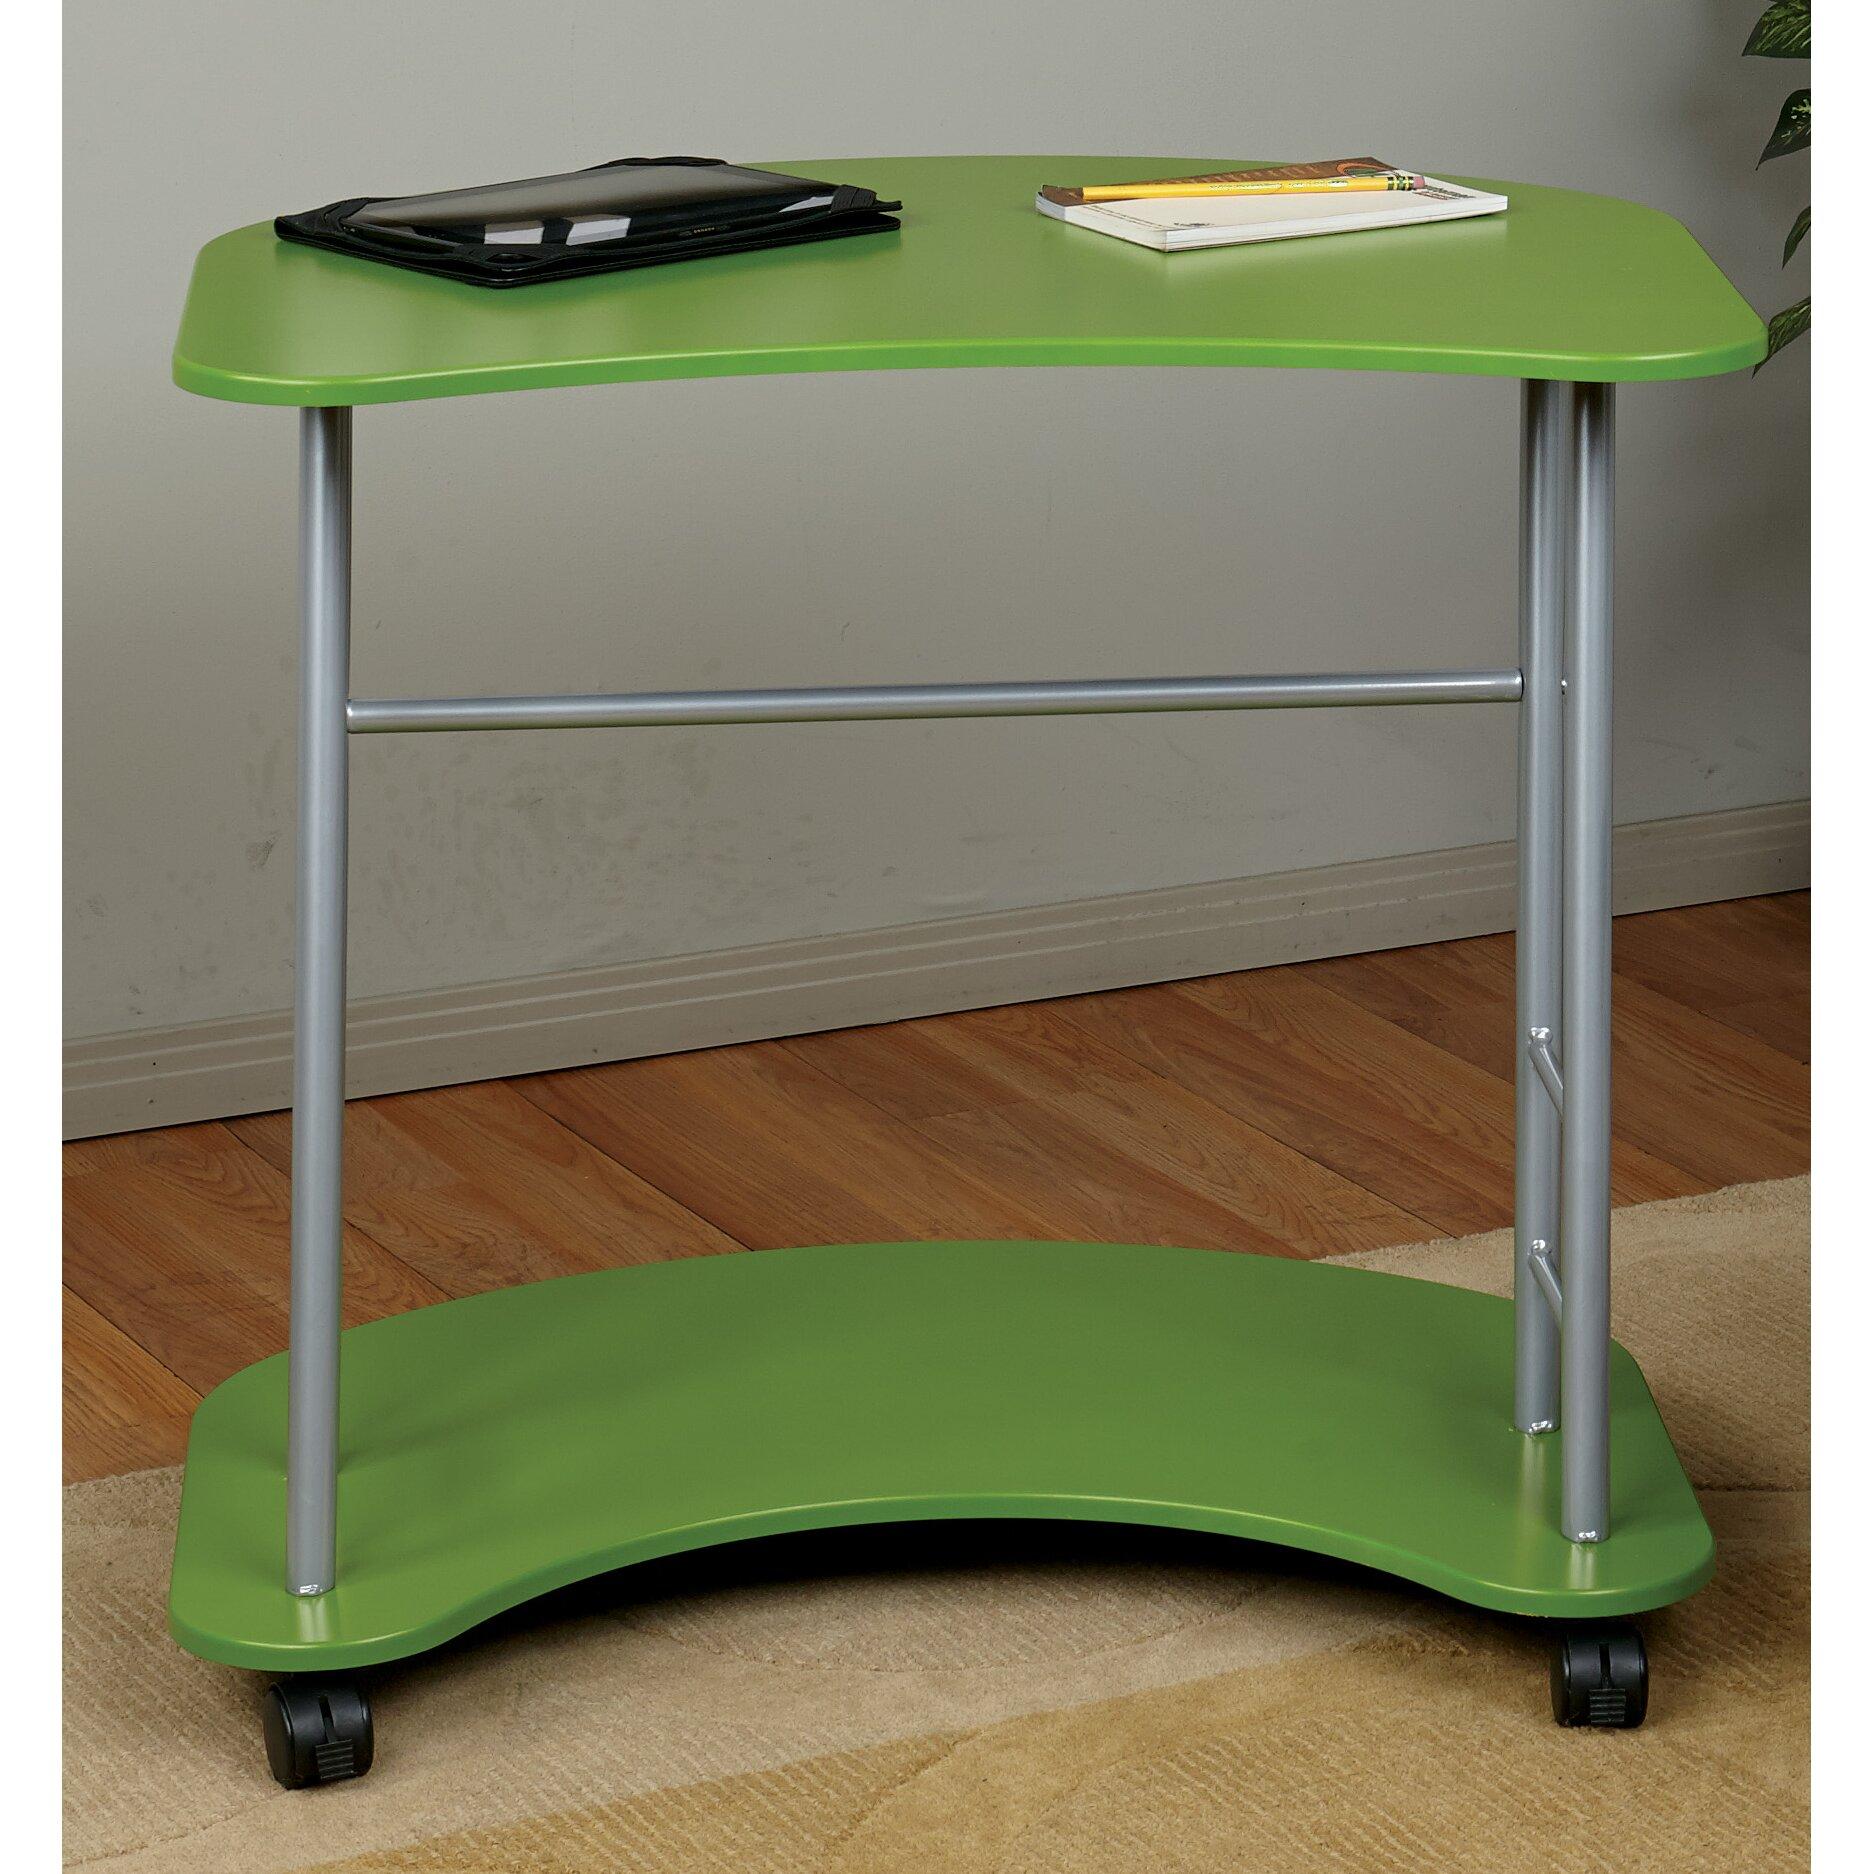 Osp Designs Computer Desk Office Eld25 Tm Osp Designs